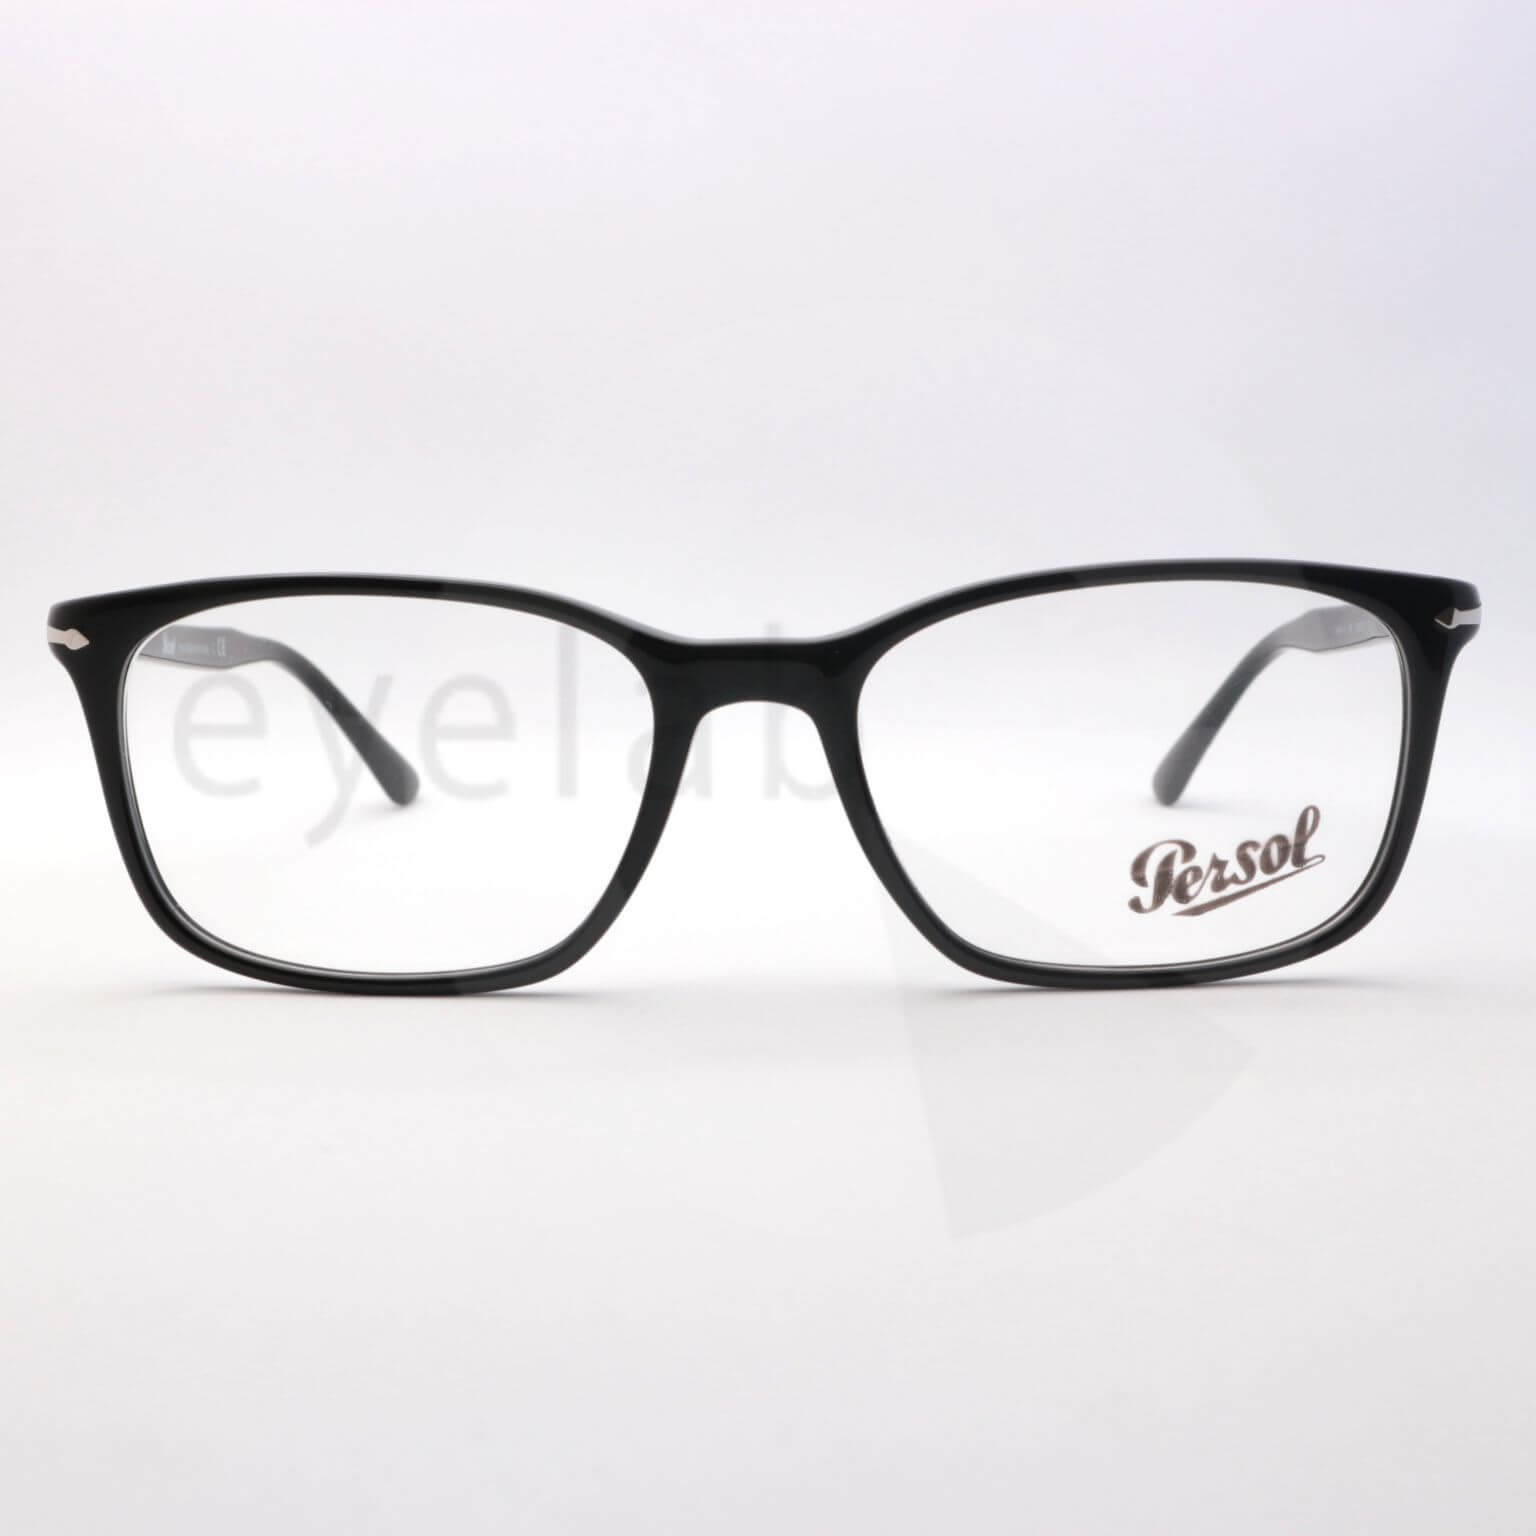 Γυαλιά οράσεως Persol 3189V 95 55 ~ Eyelab ba5e016546e